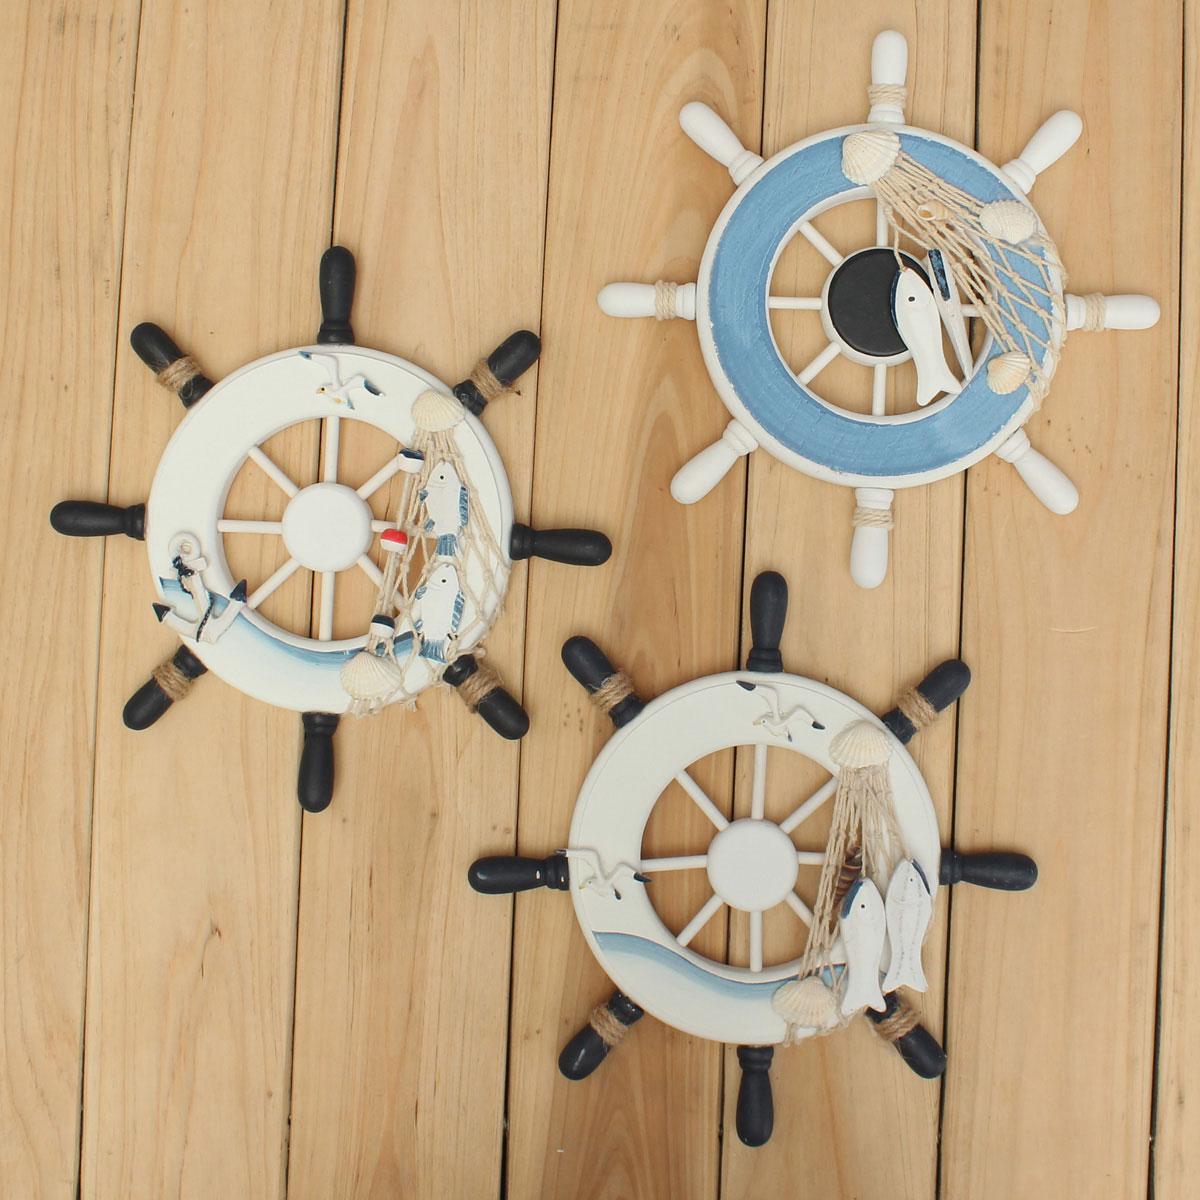 Maritim dekor dampfer steuerrad lenkrad holz 23x1.6x23cm maritime ...